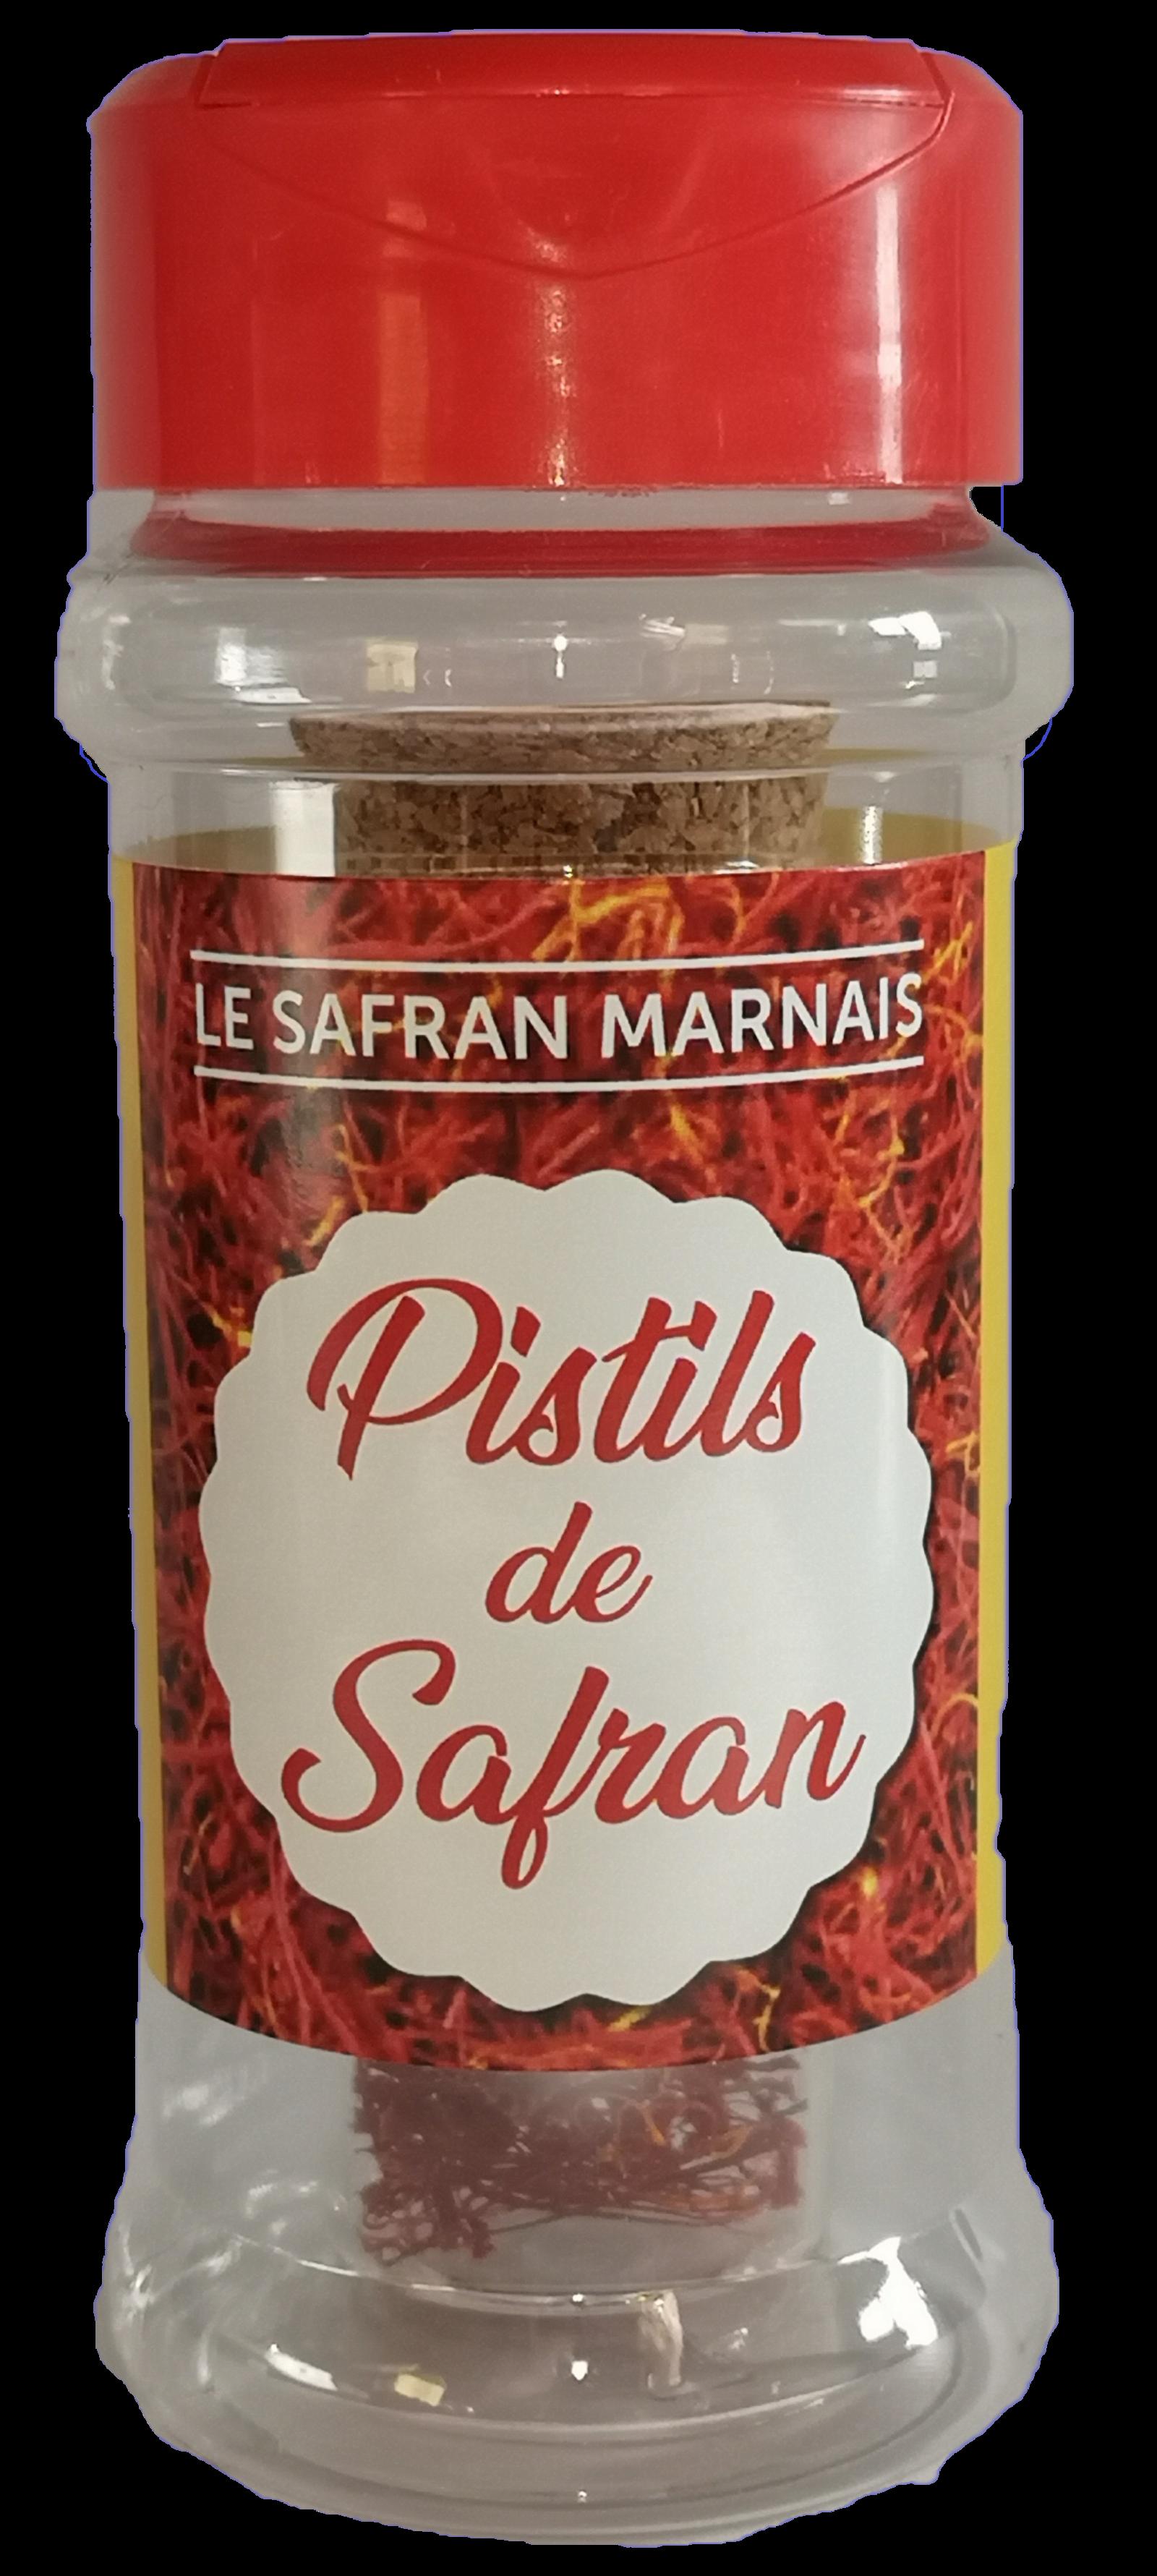 Pistils de Safran